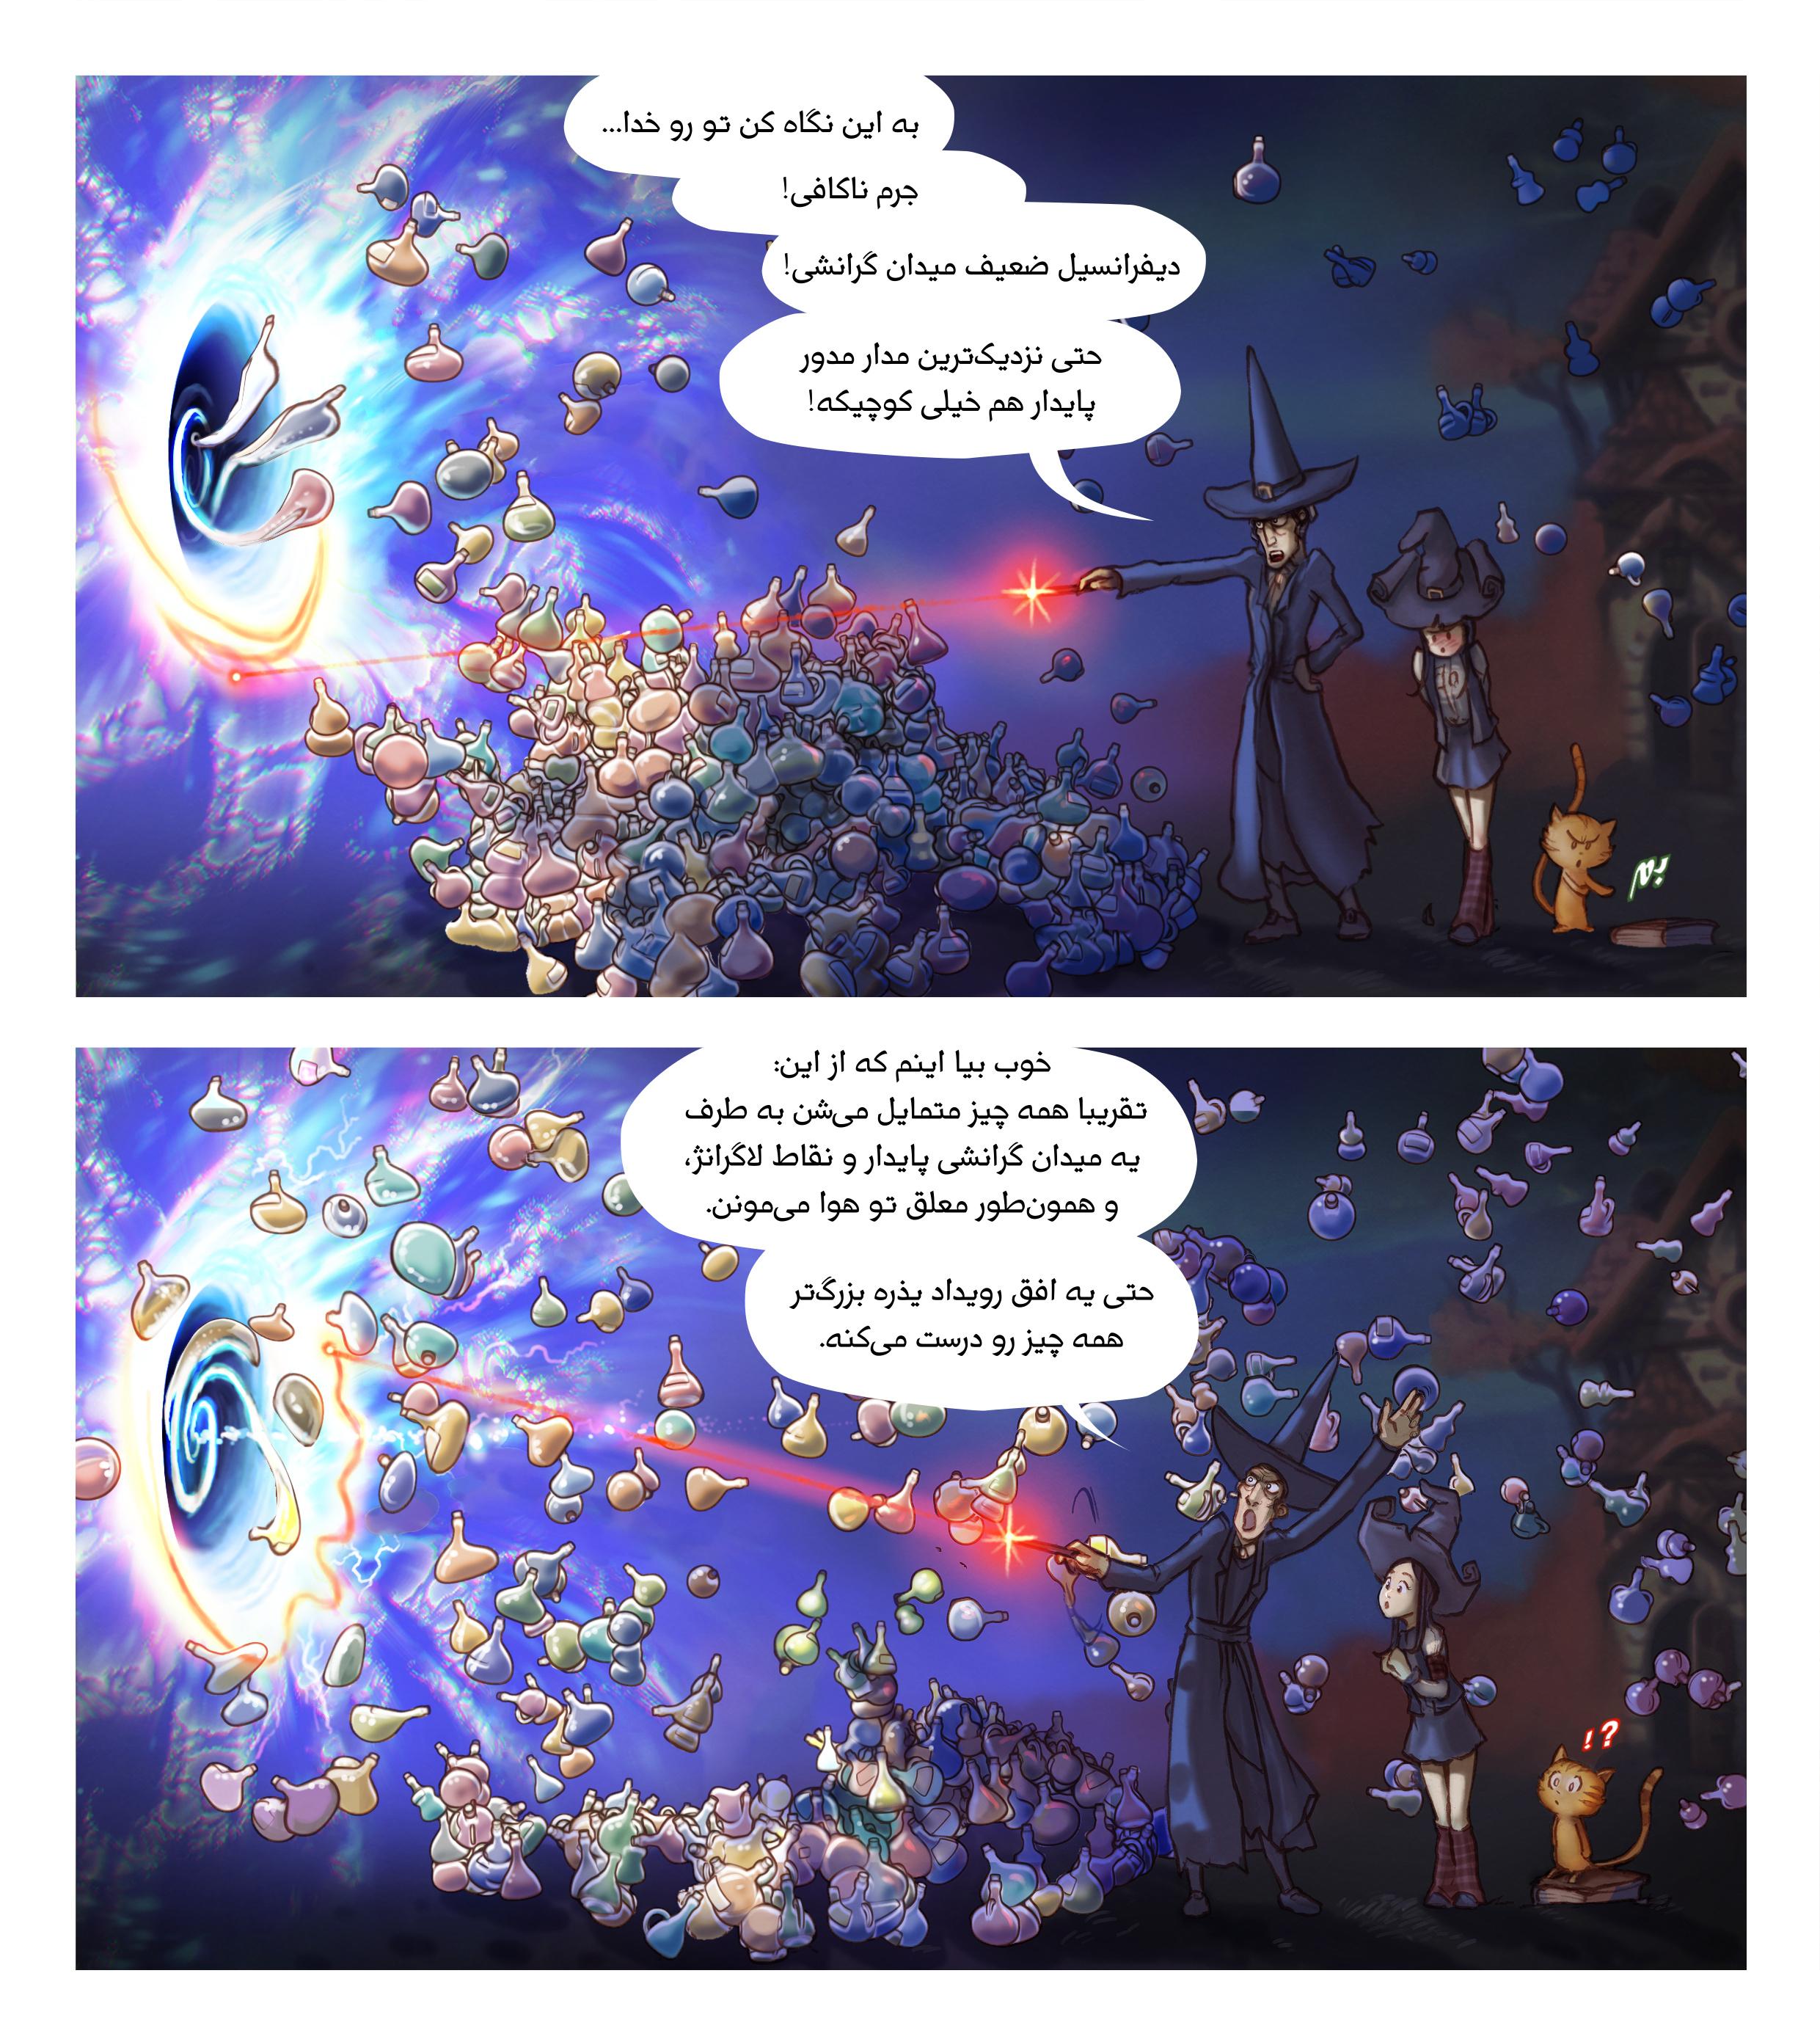 قسمت دوازدهم: خانه تکانی پاییزی, Page 5